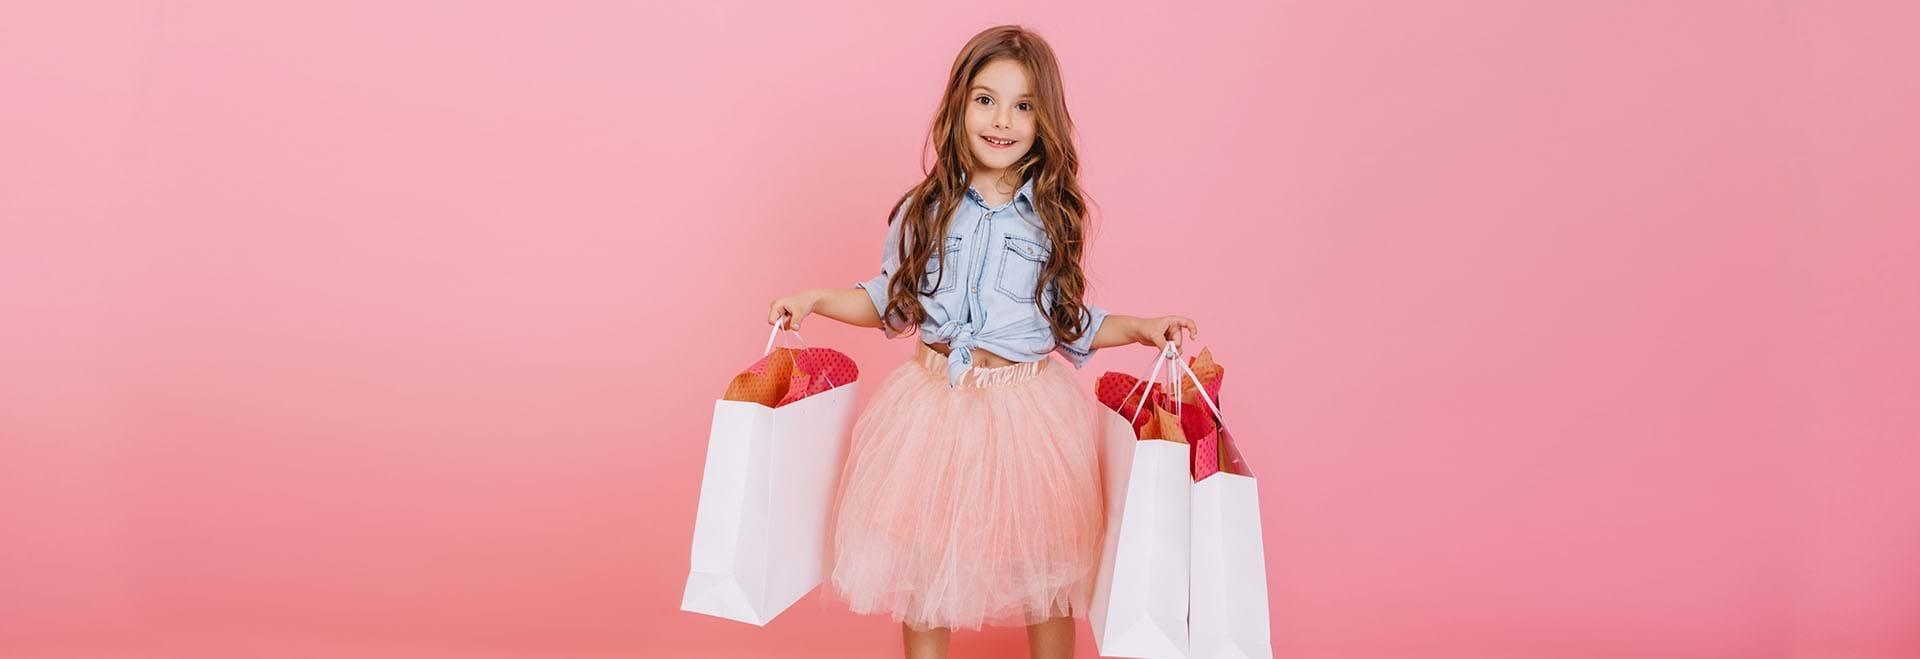 Kinderkleding Webshop.Kinderkleding Webshop Leeuwarden Tutte X Belle